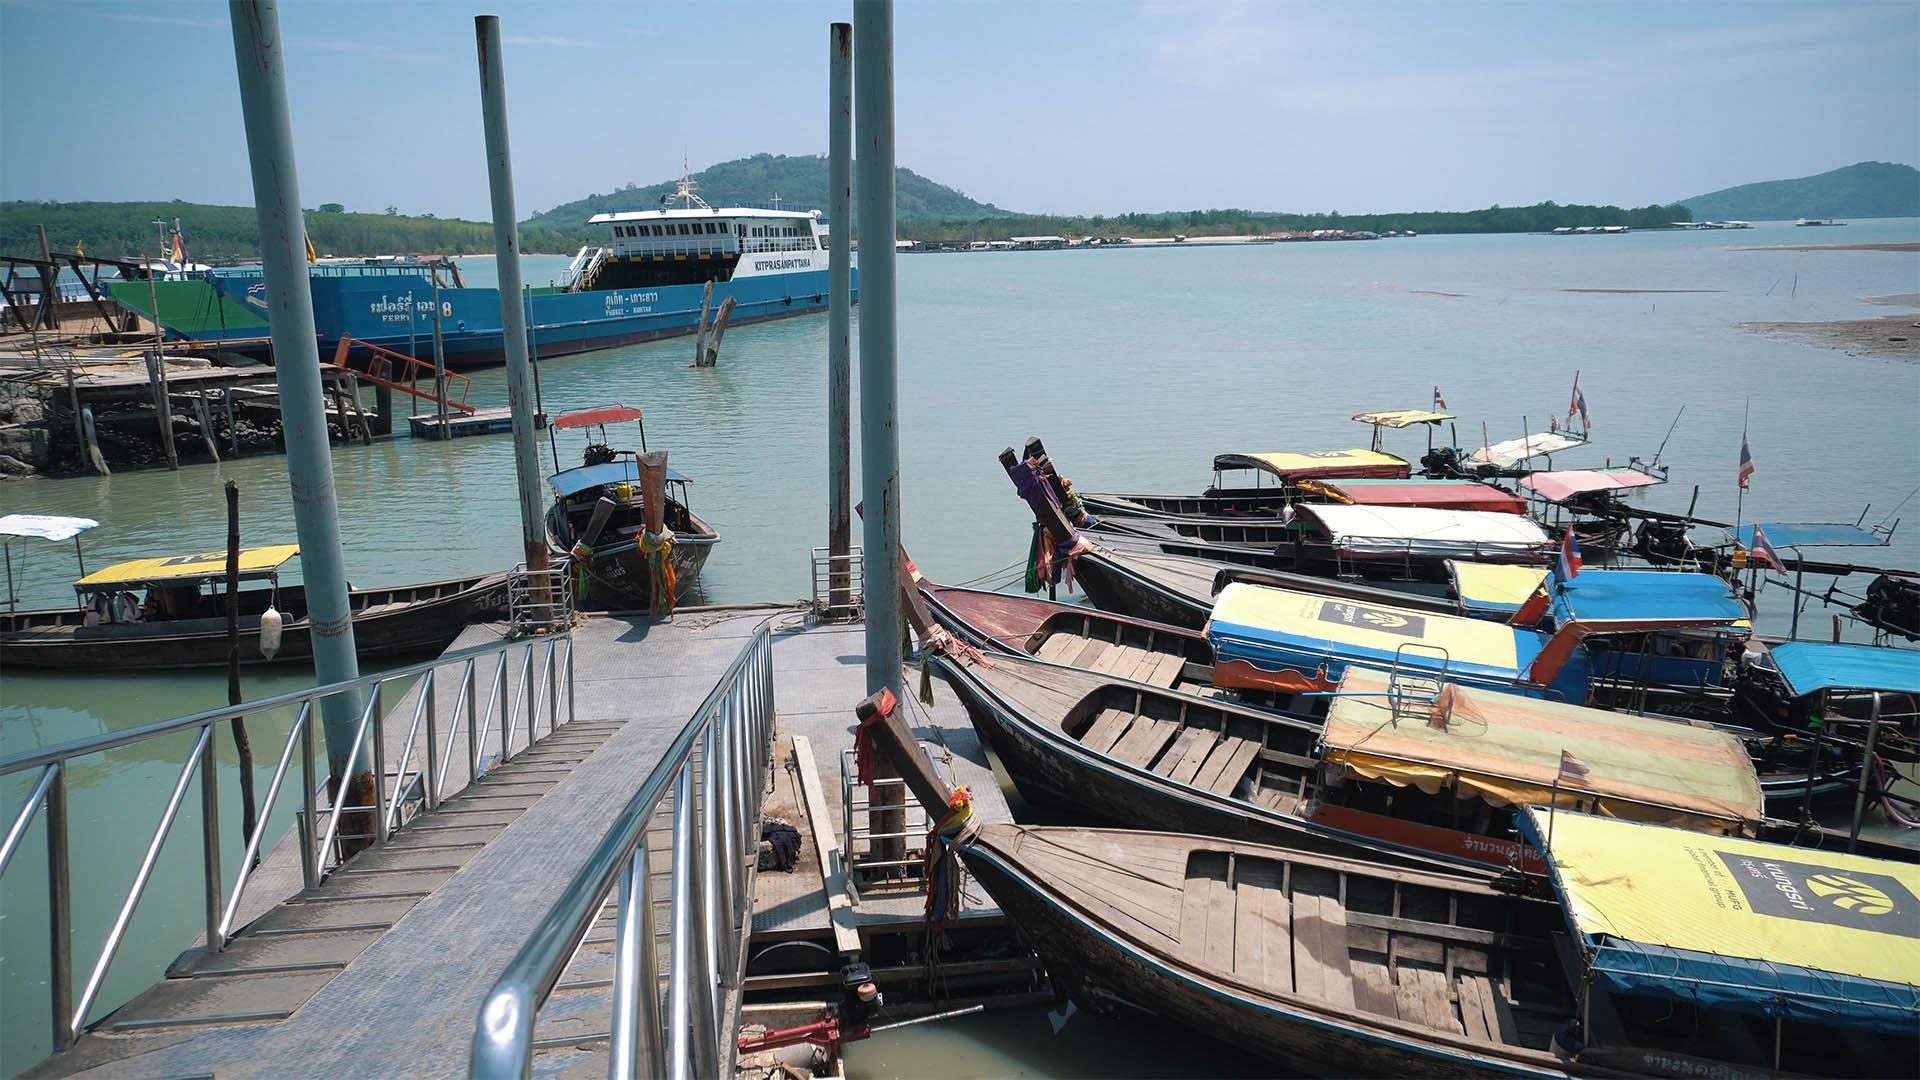 Coconut Island Pier